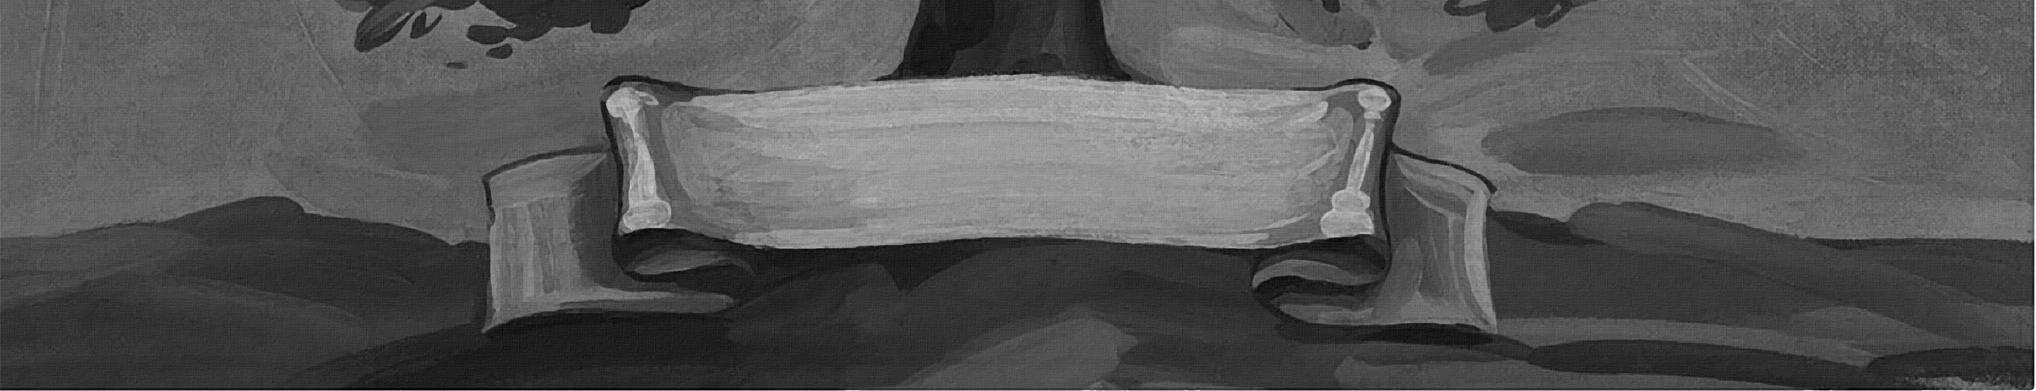 Чем опасна сажа в дымоходе, и как от неё избавиться